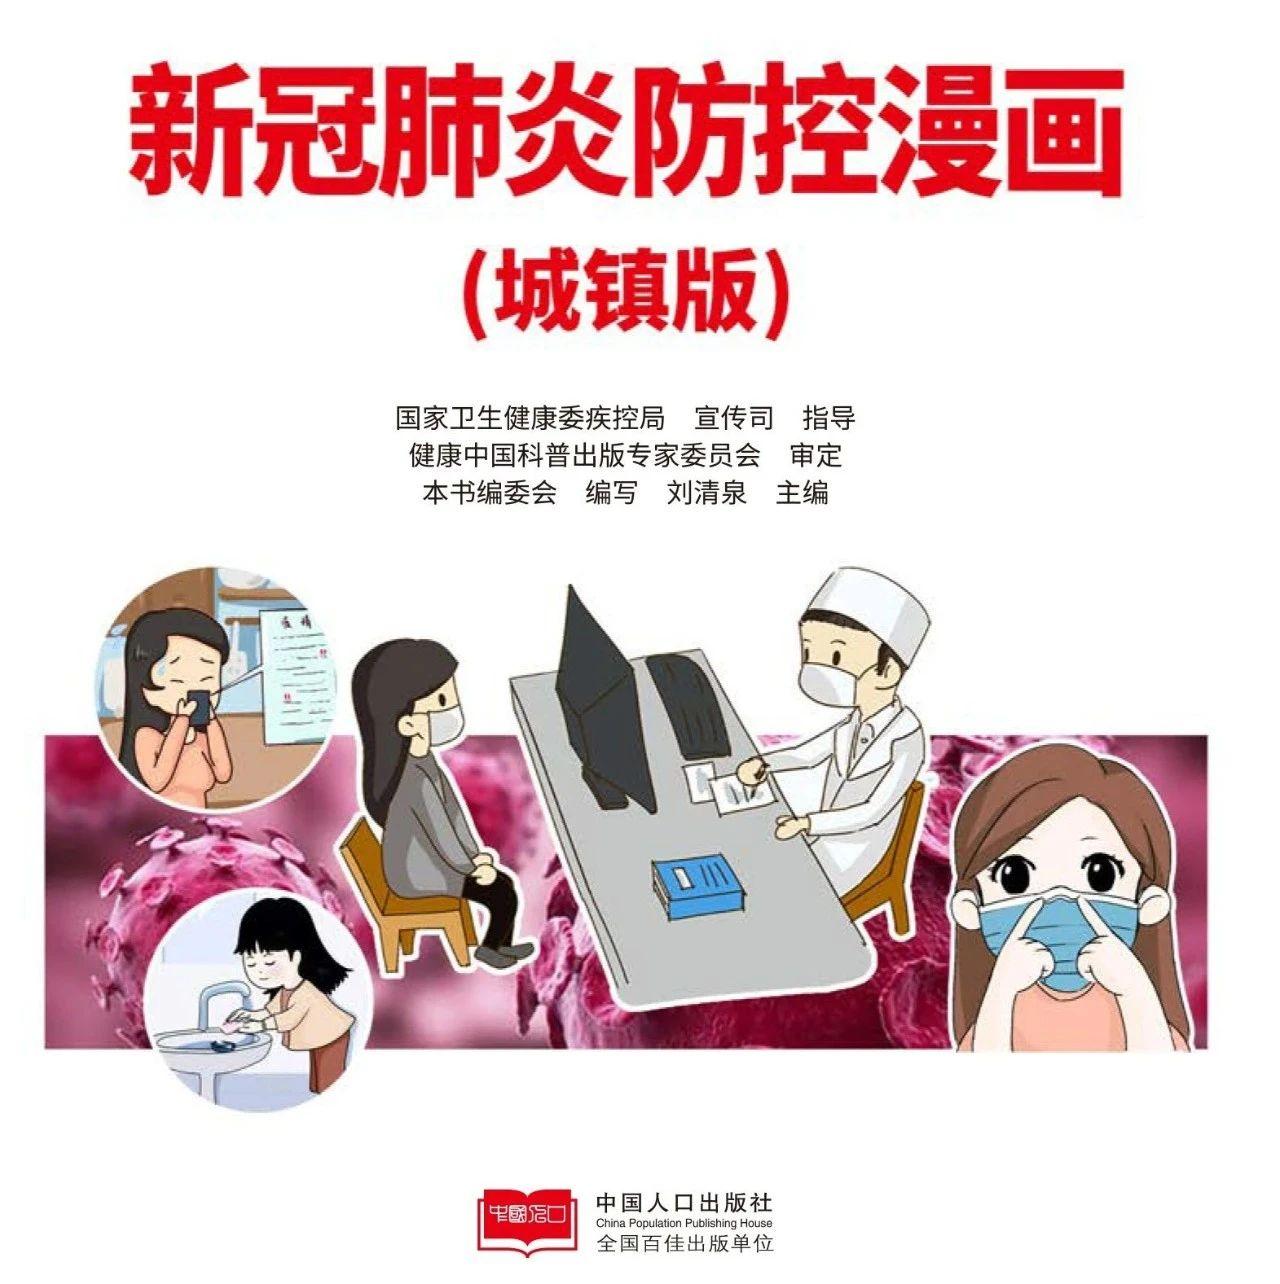 新冠肺炎防控漫画——新冠肺炎知识及就医流程